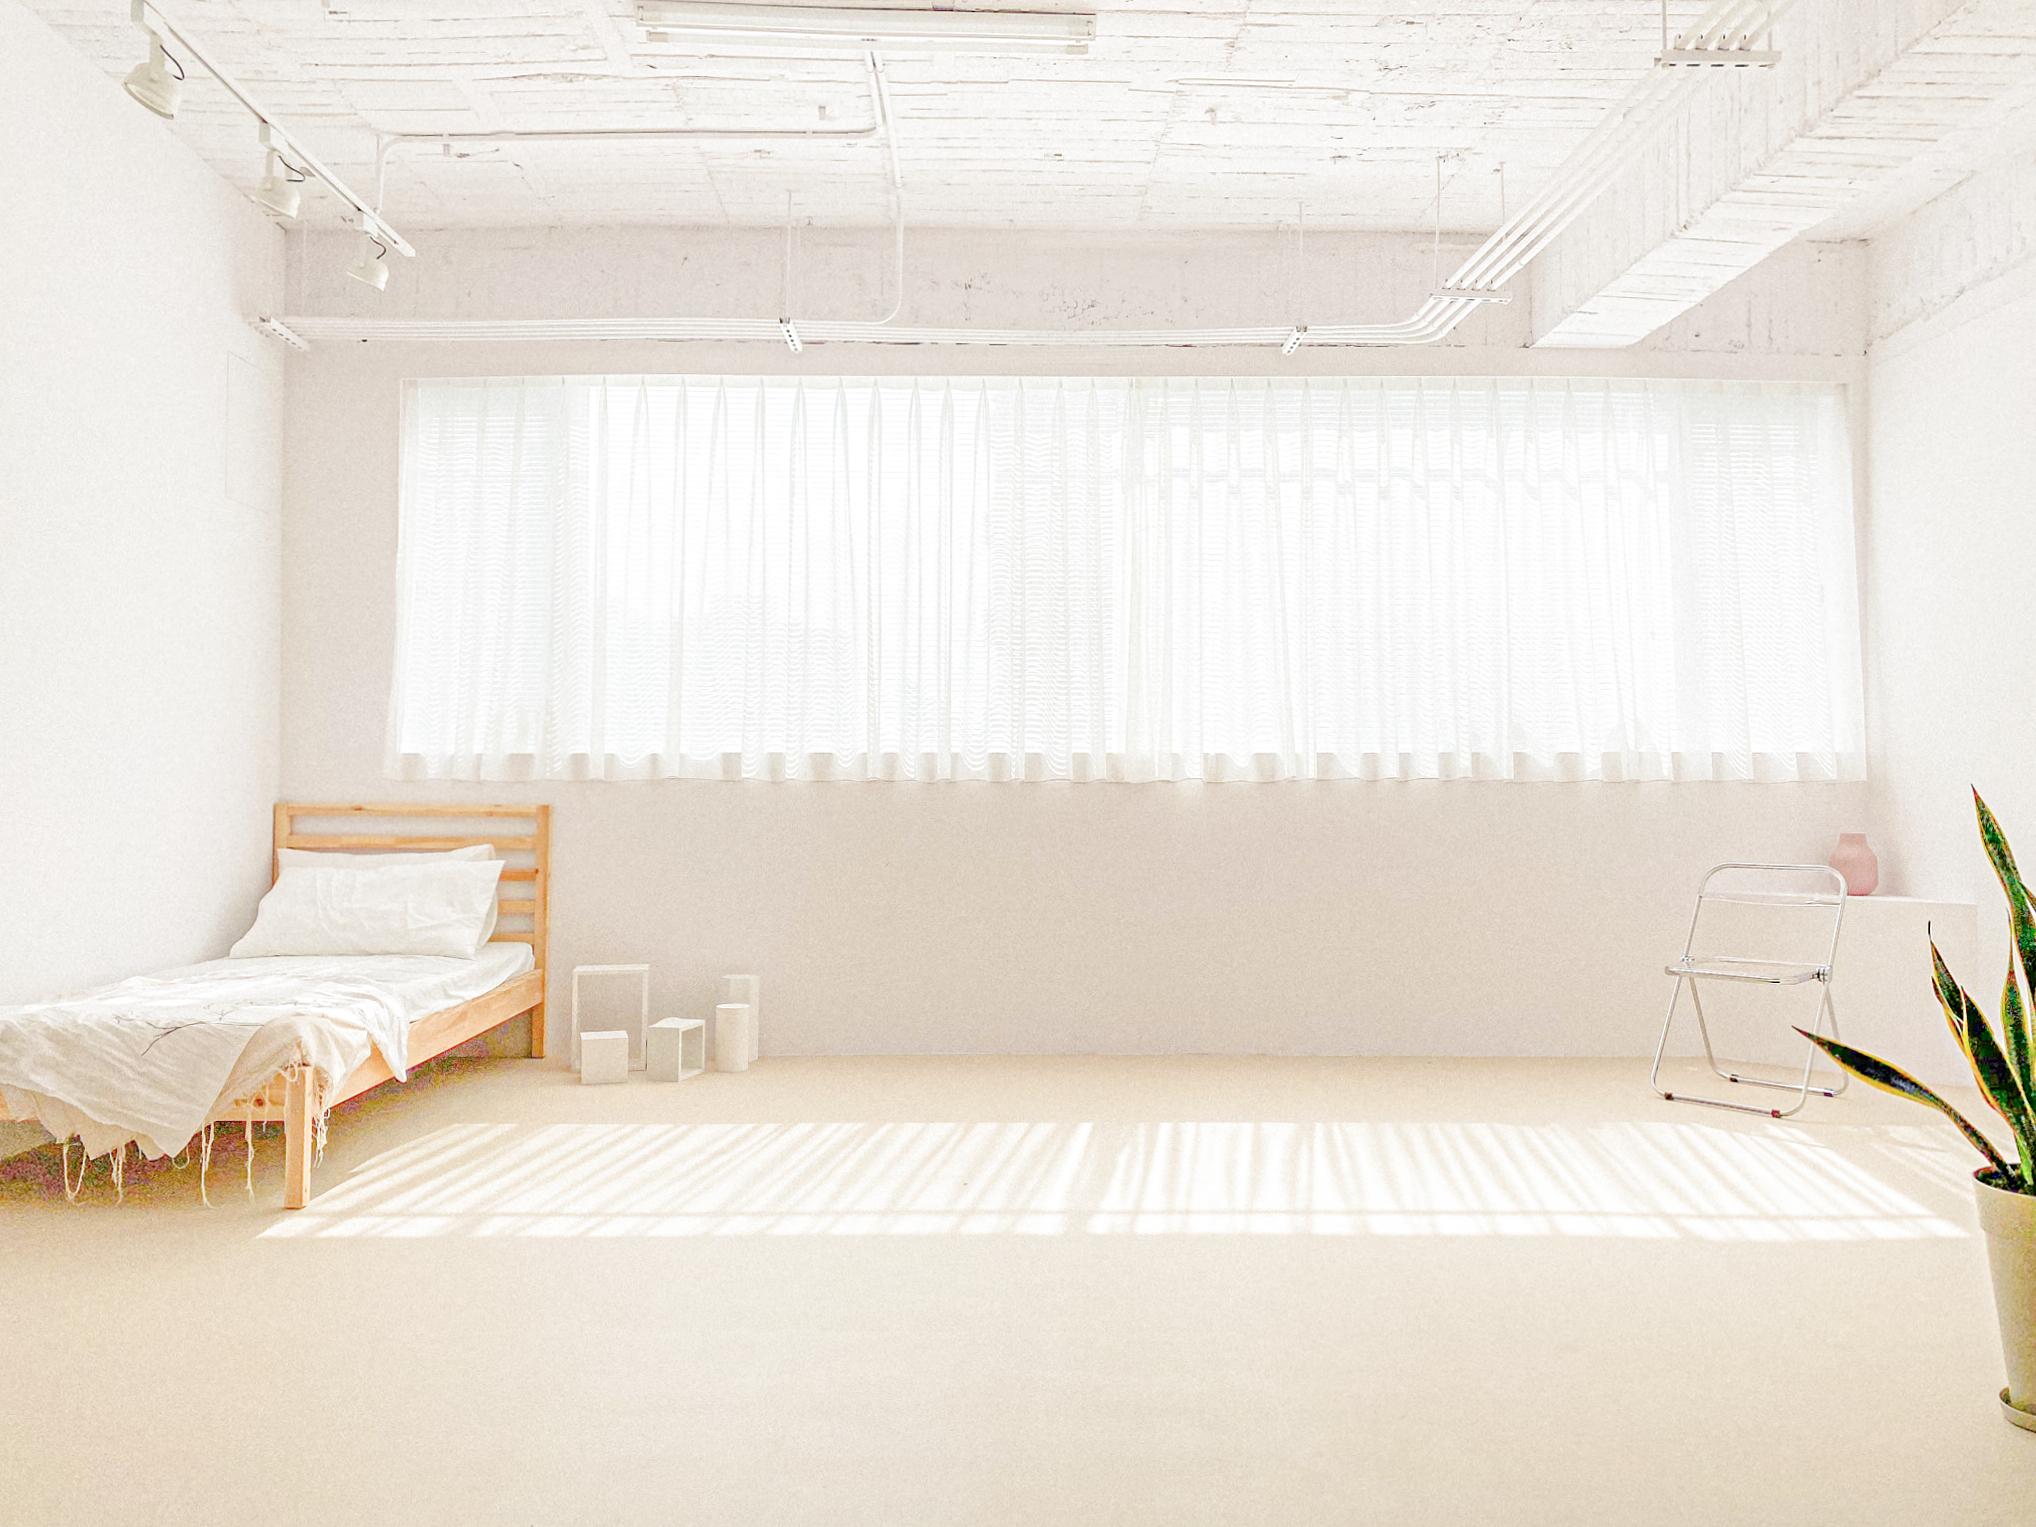 MurMur's Studio